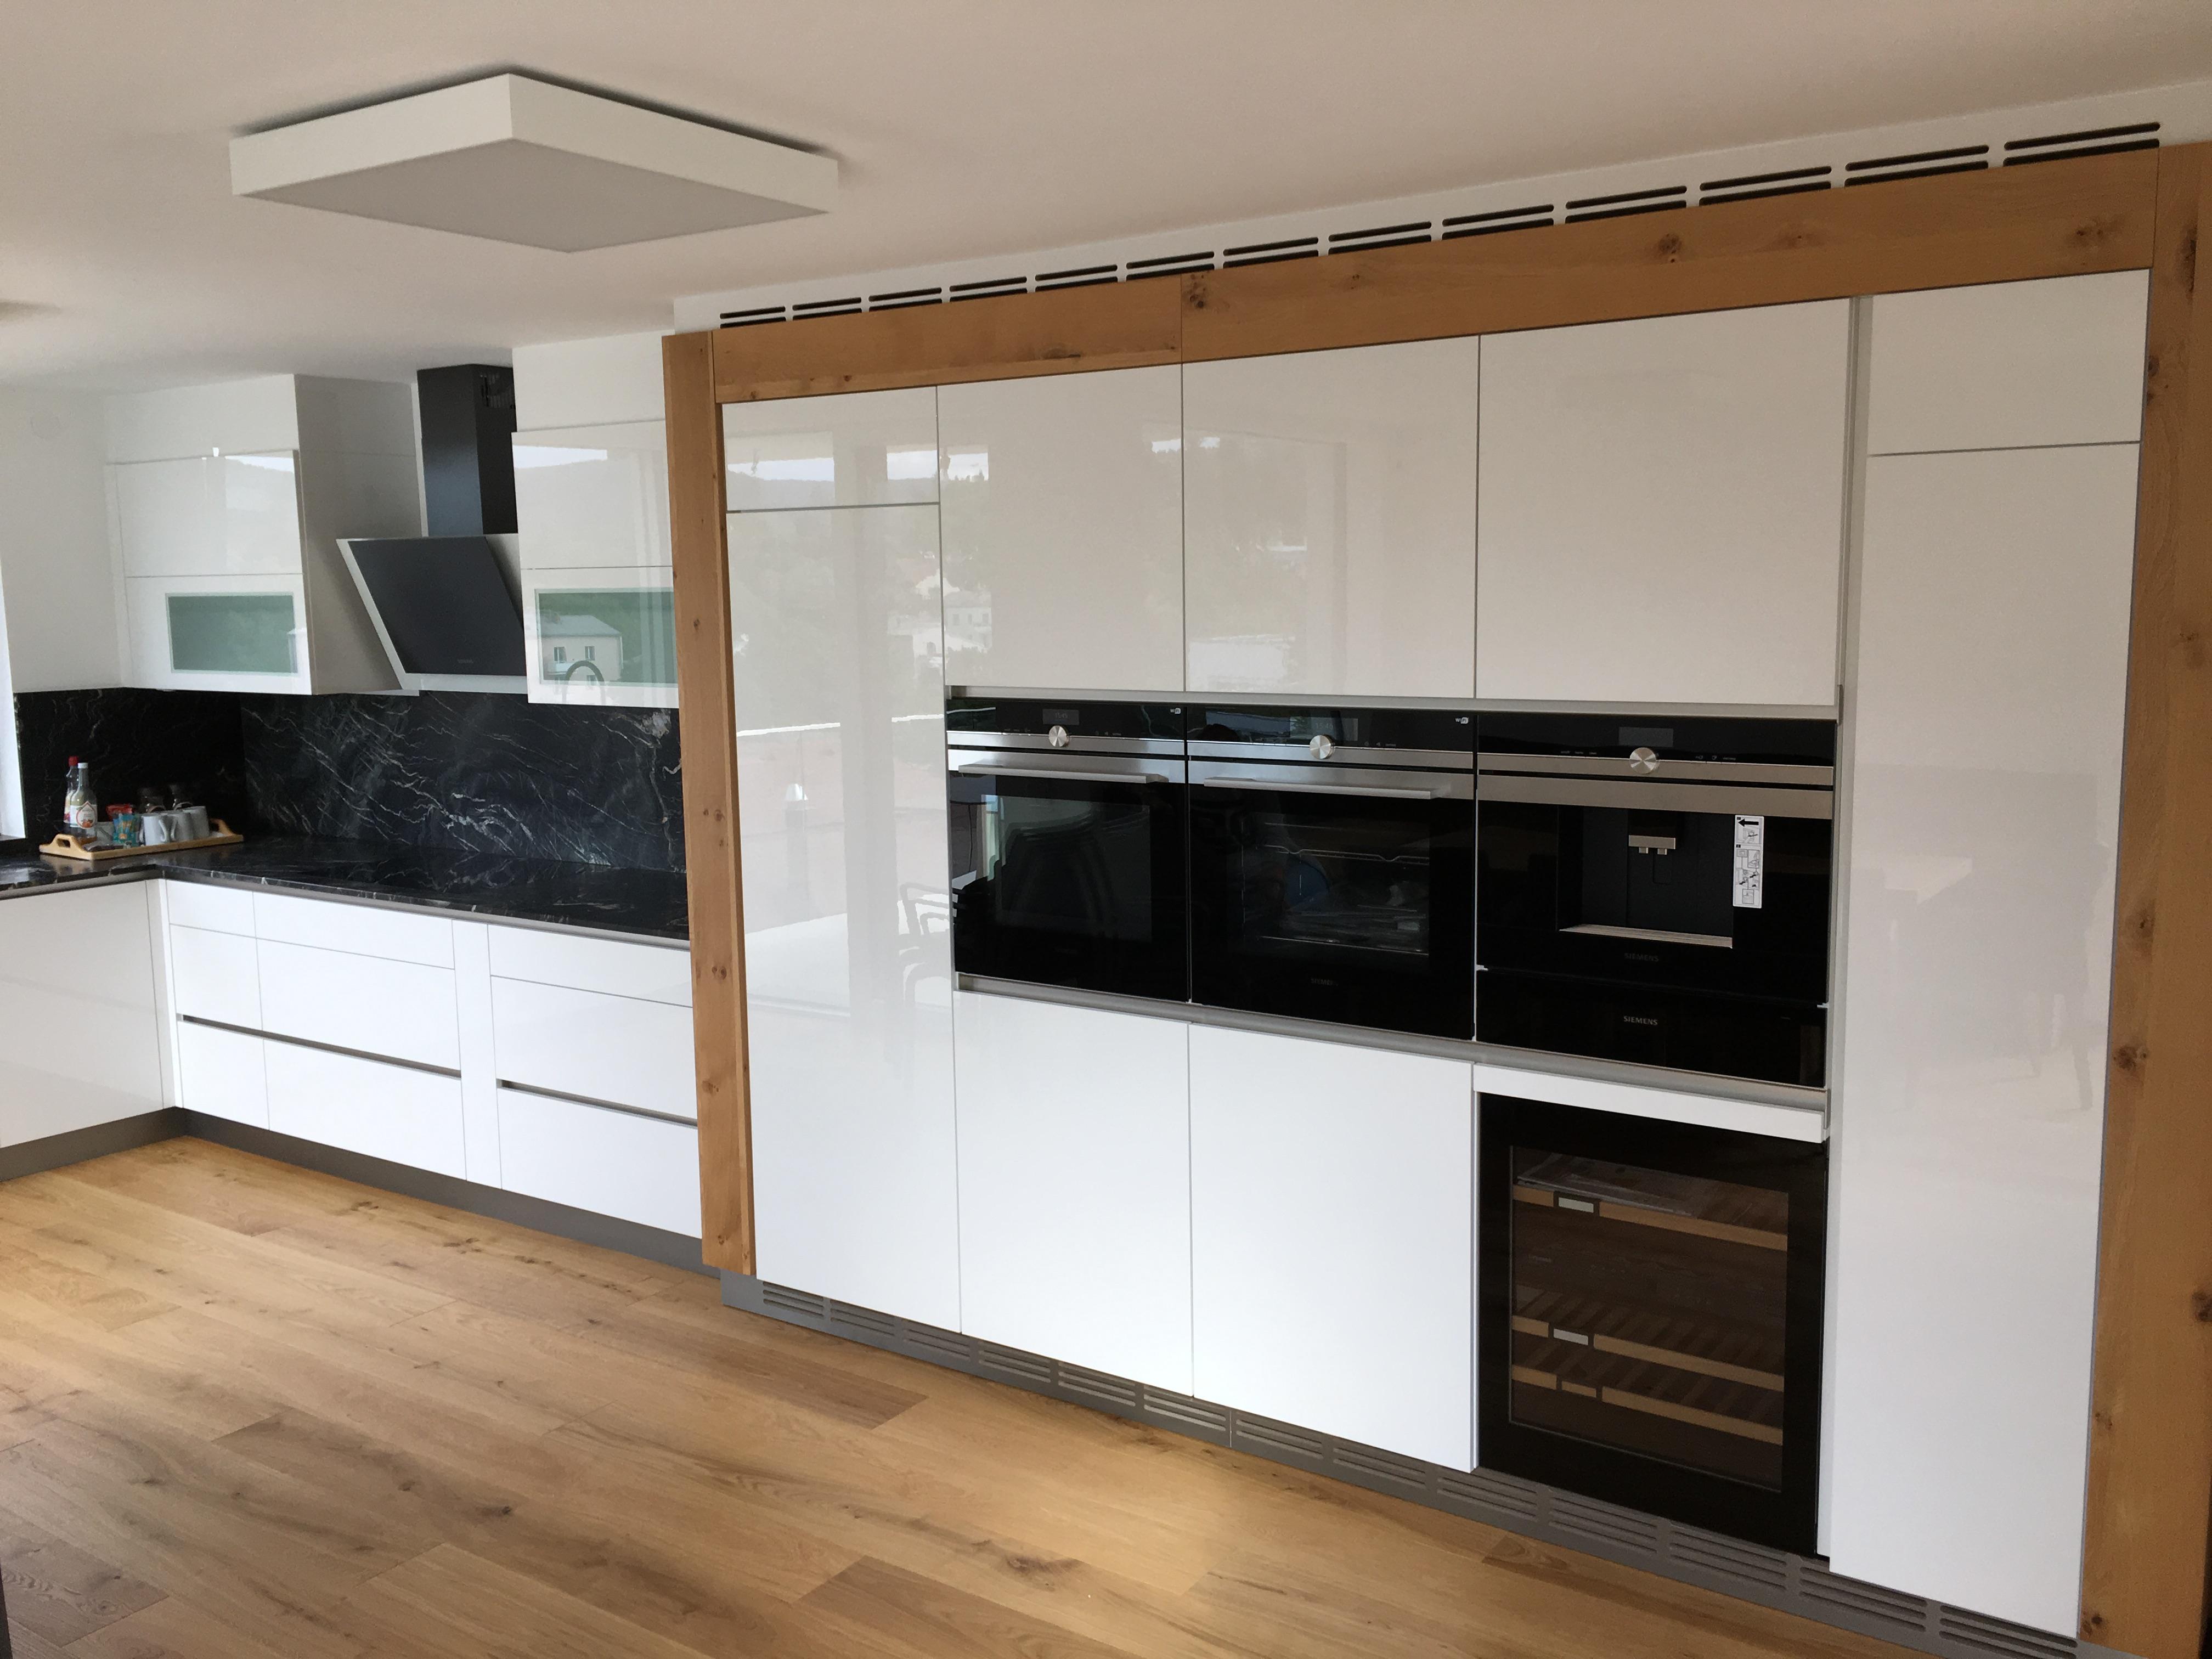 walzer manfred gmbh tischlerei m bel montage instandsetzung gro weikersdorf sterreich. Black Bedroom Furniture Sets. Home Design Ideas